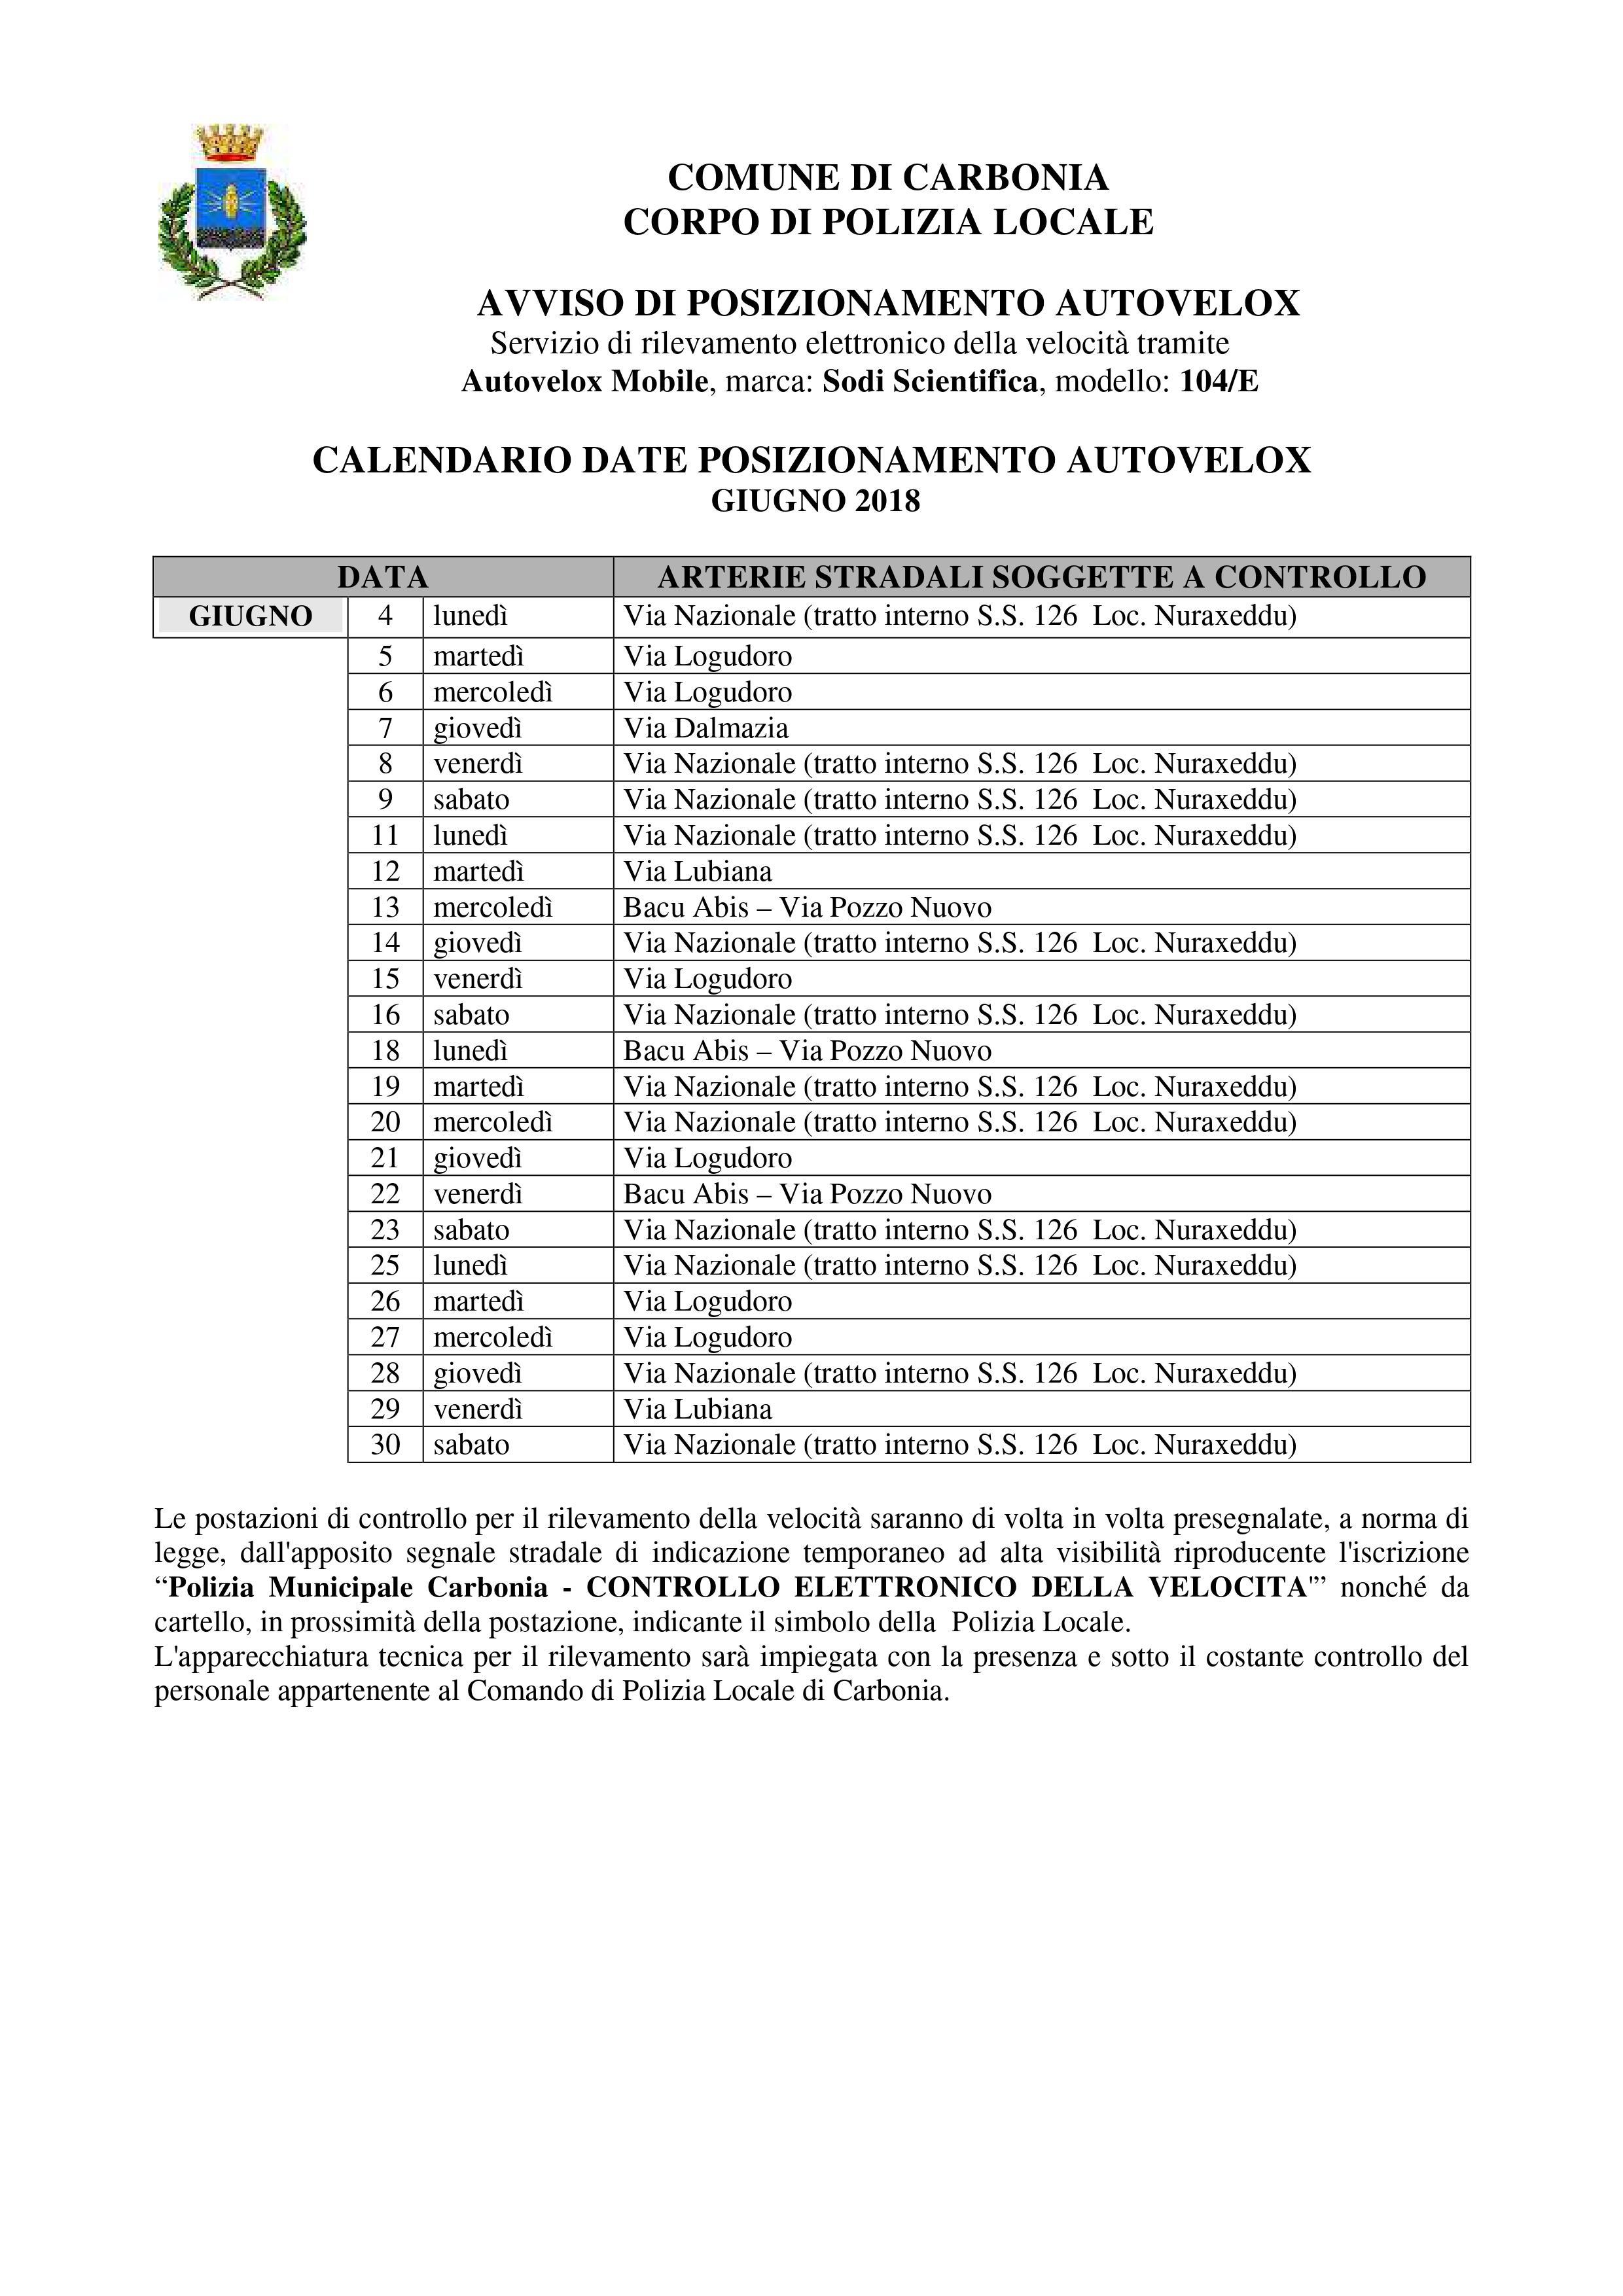 Calendario Di Giugno.Il Calendario Delle Postazioni Autovelox Del Comune Di